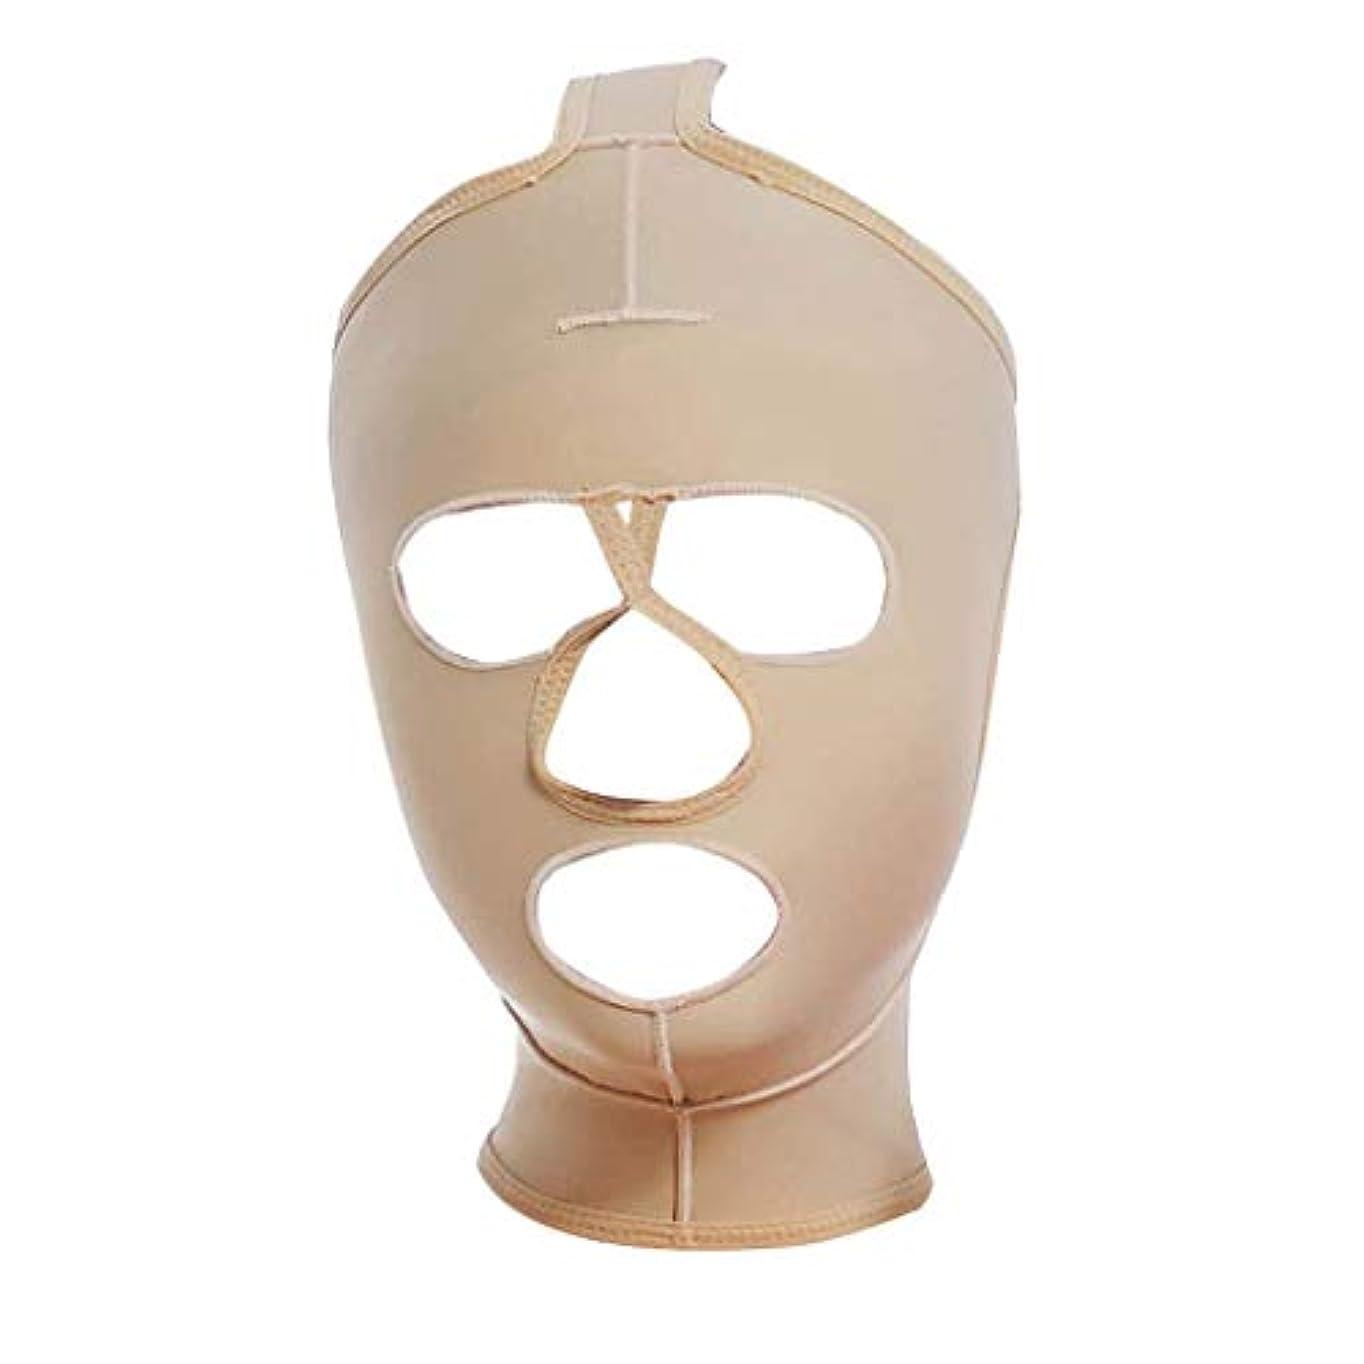 軽減サミットレパートリーフェイス&ネックリフト、減量フェイスマスク脂肪吸引術脂肪吸引術整形マスクフードフェイスリフティングアーティファクトVフェイスビームフェイス弾性スリーブ(サイズ:XXL),S